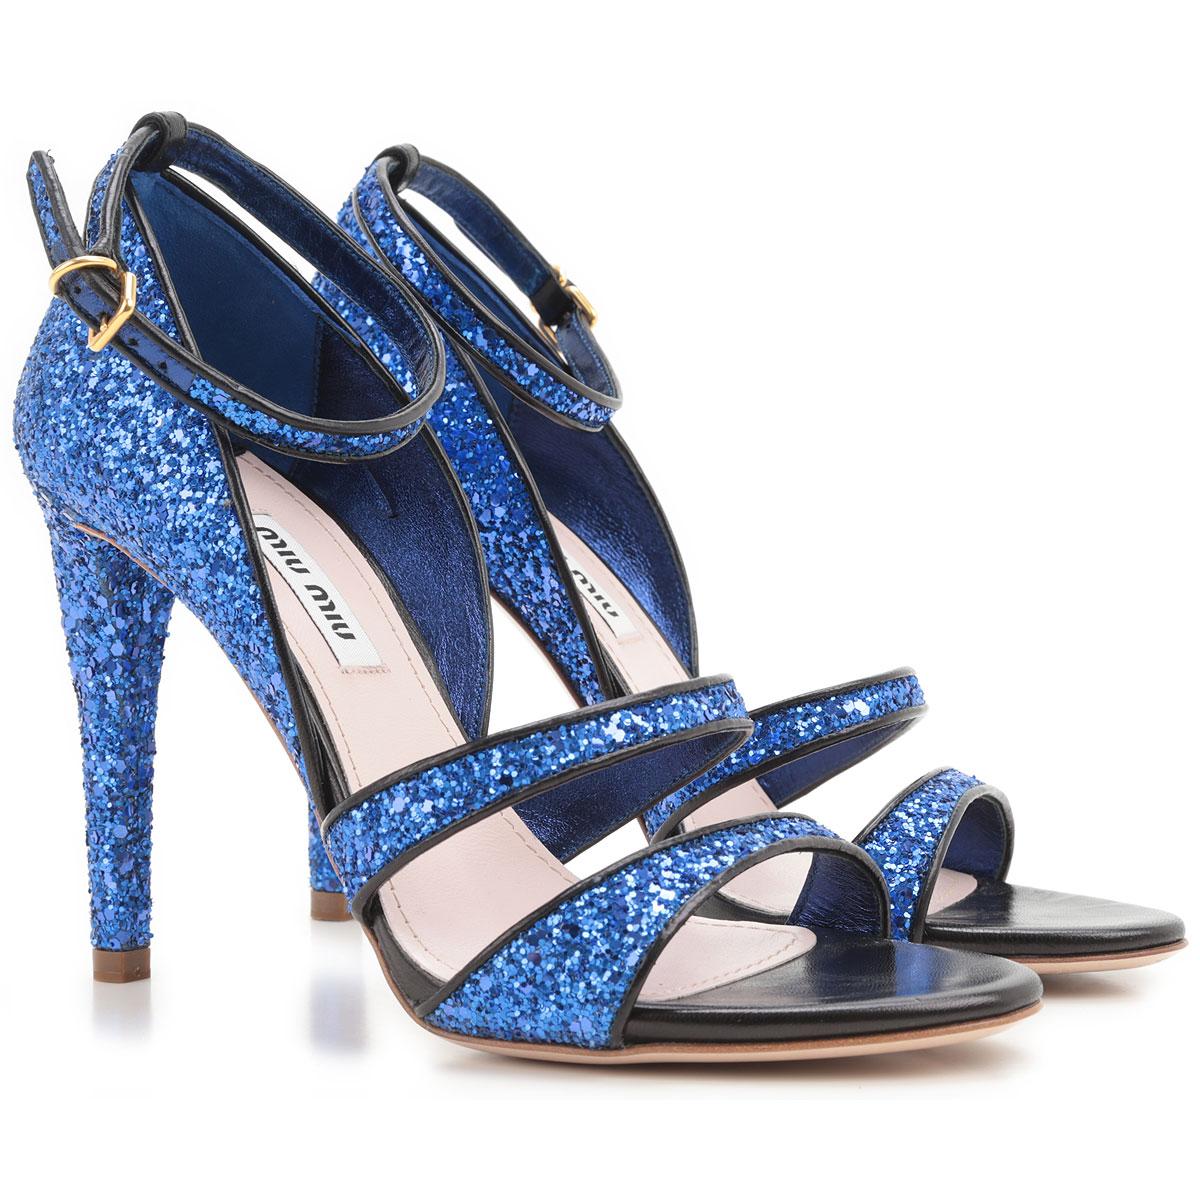 Miu Miu. Shoes for Women